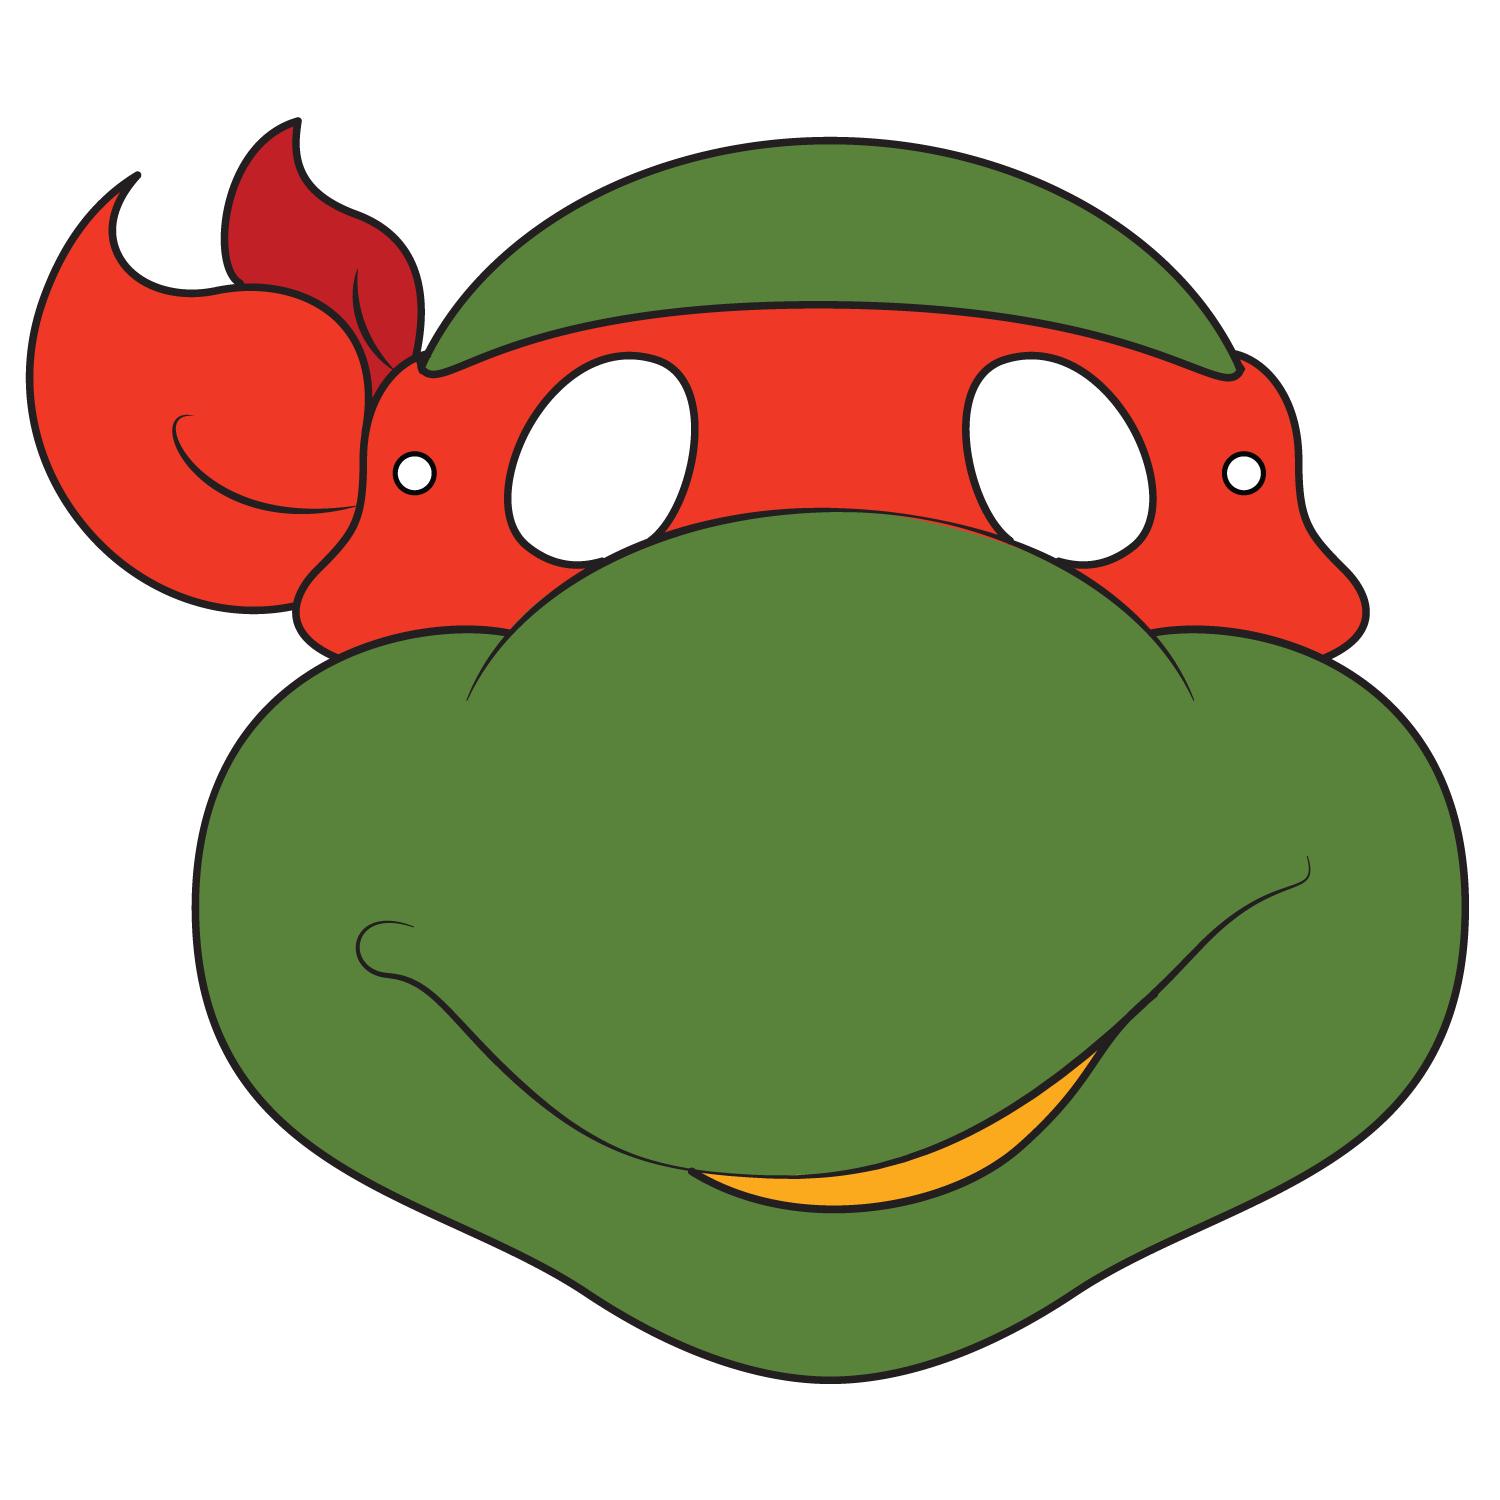 Ninja Turtles Mask Template | Free Printable Papercraft Templates - Teenage Mutant Ninja Turtles Free Printable Mask